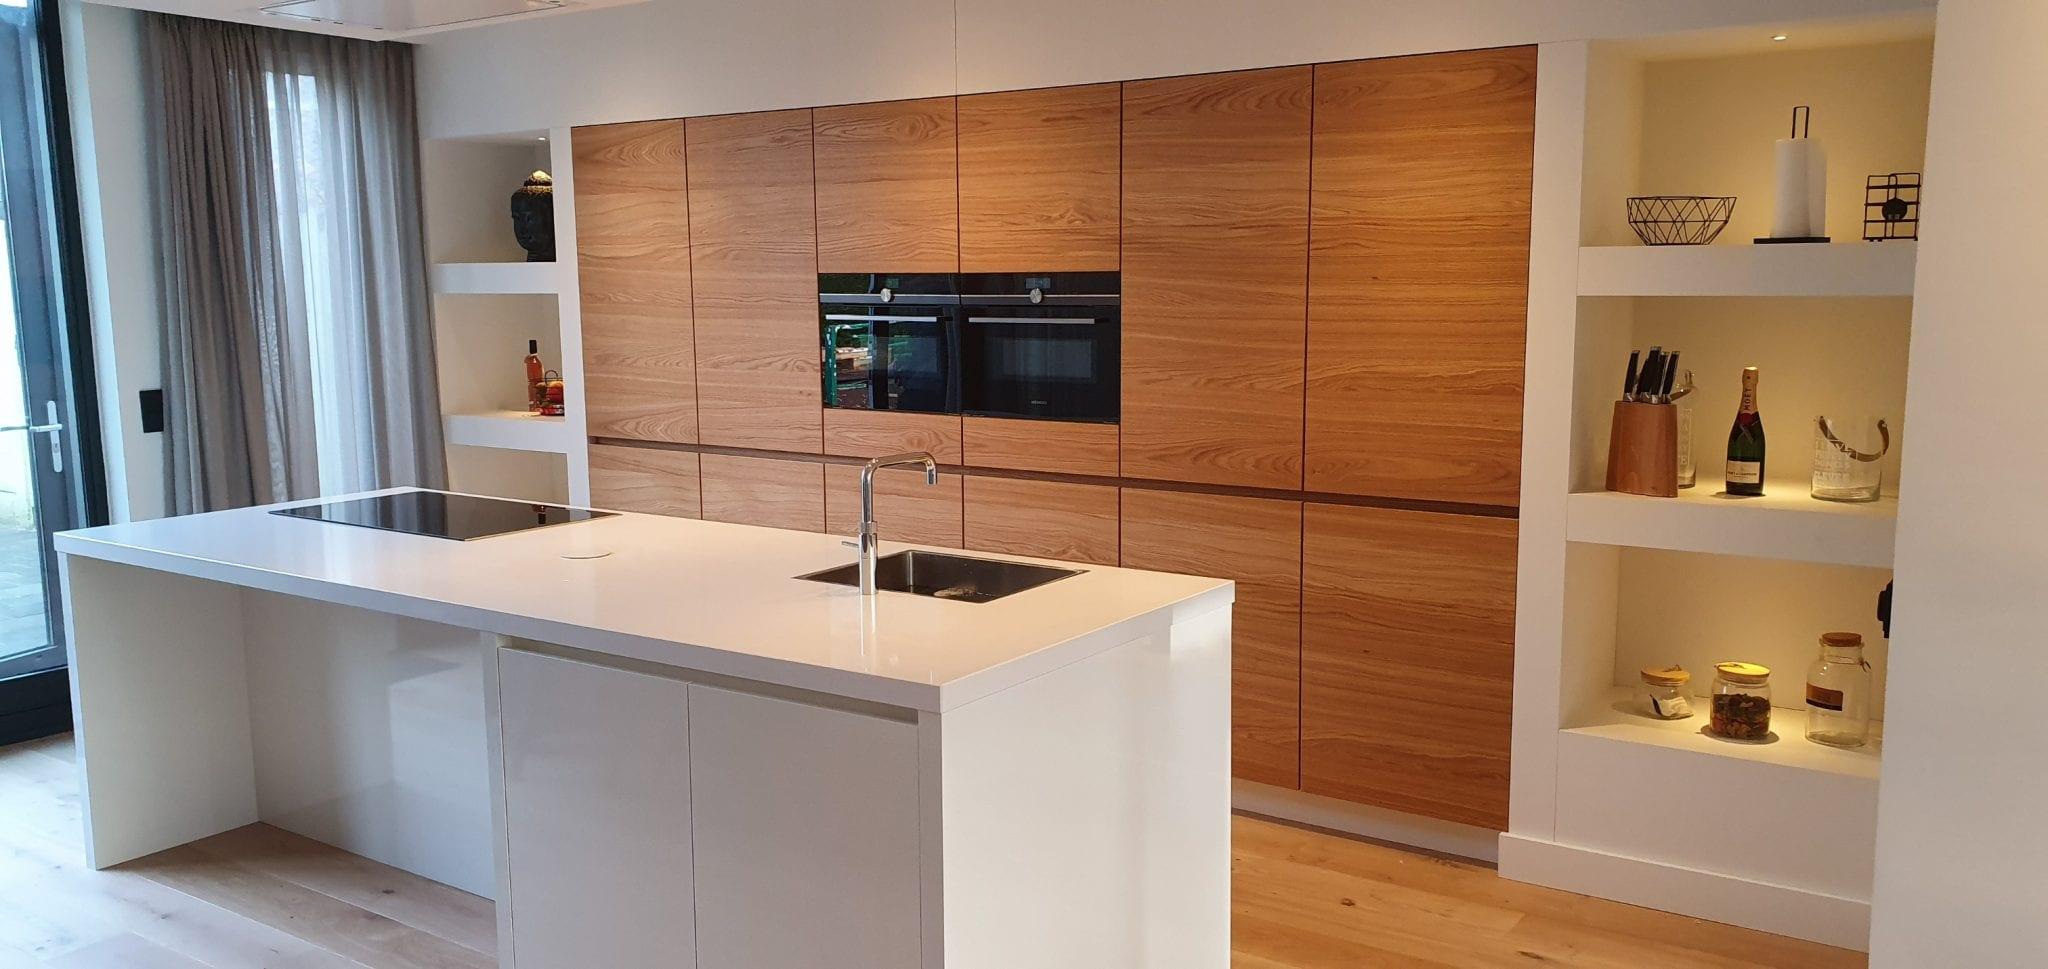 Keuken op Maat - Keuken Eiland Breda | Schalk Interieurbouw